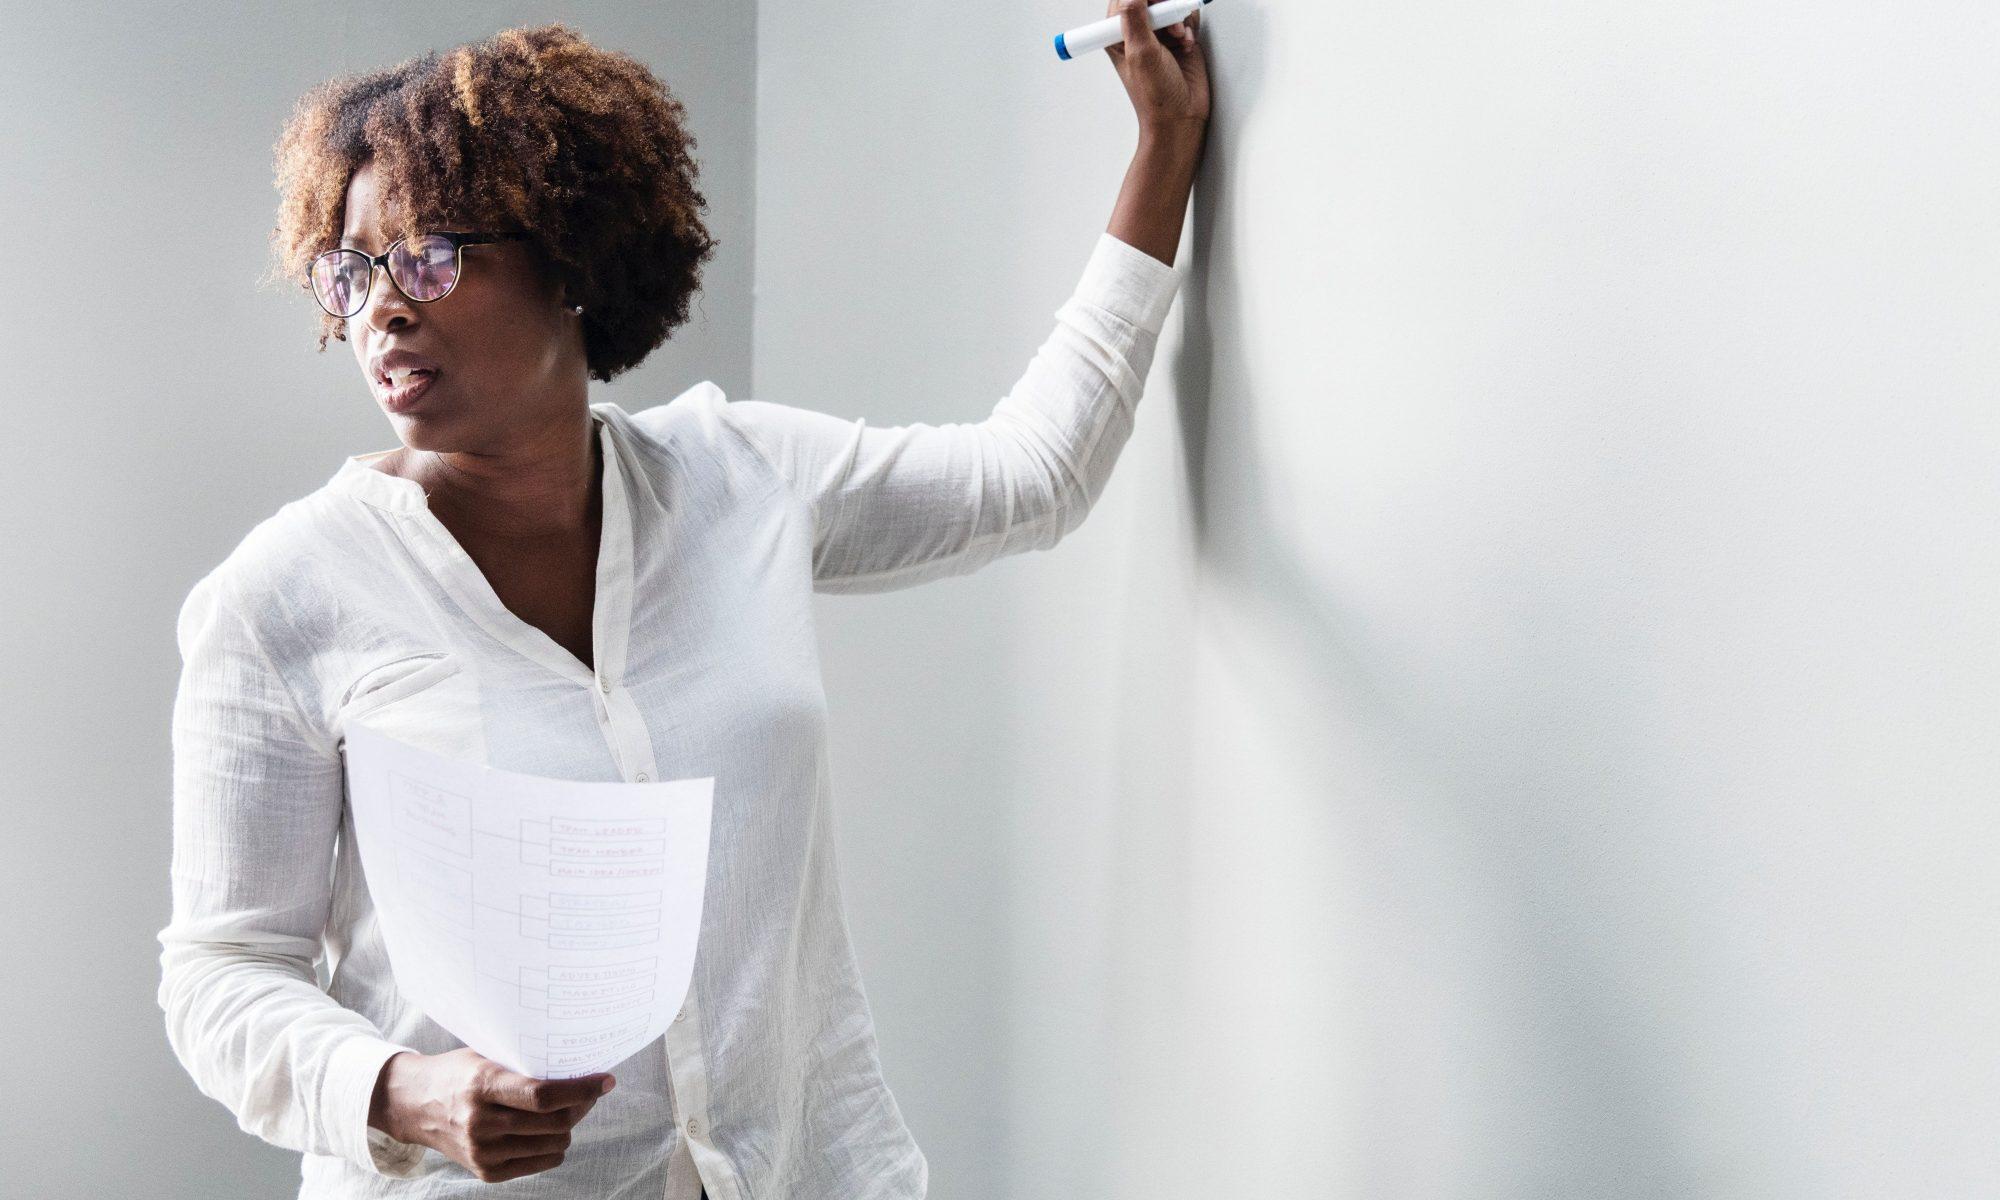 professora escrevendo em quadra branco